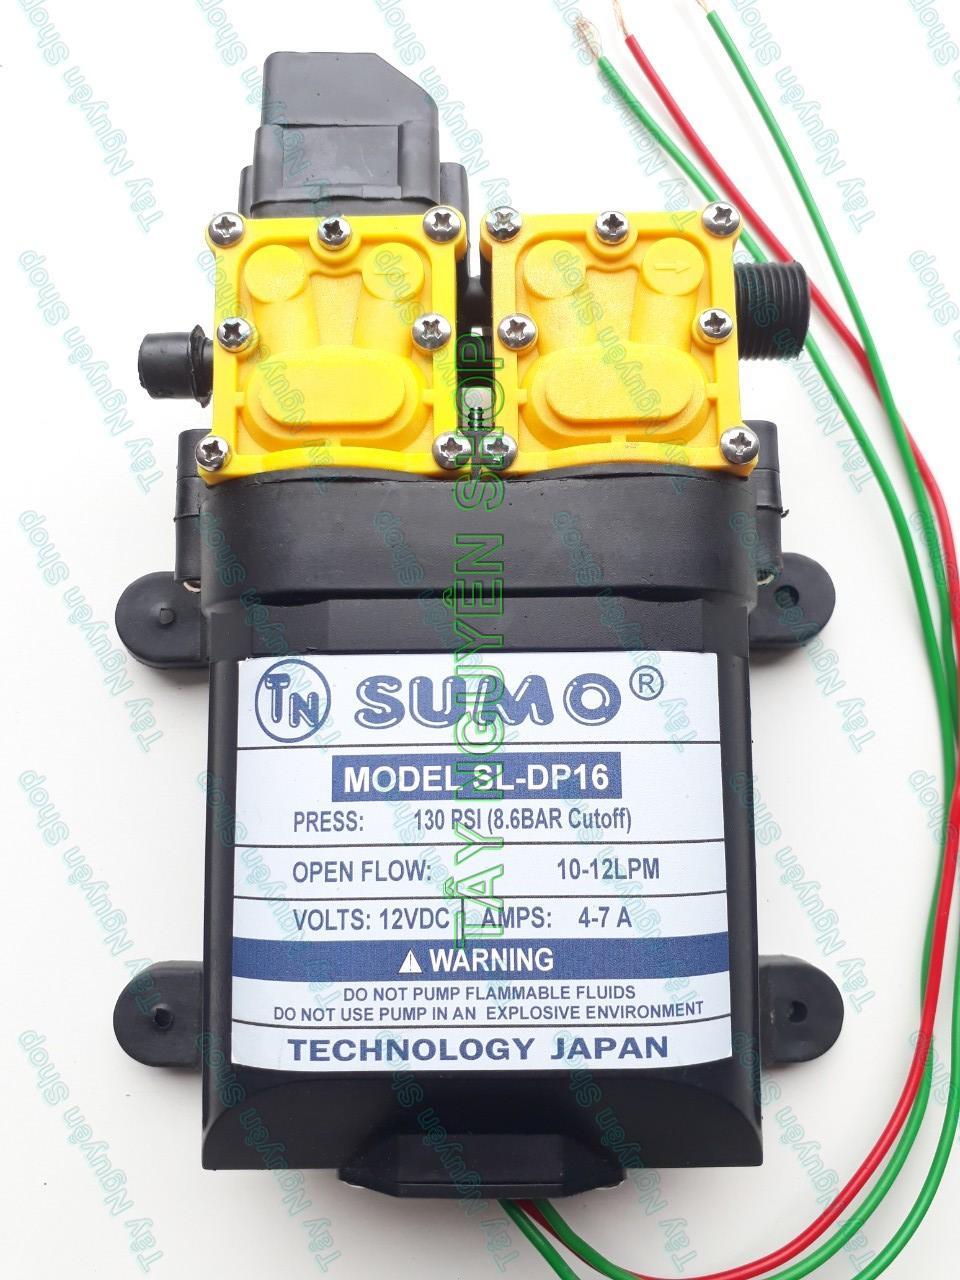 Máy bơm đôi SUMO tăng áp lực nước mini 12V 130W phun sương - rửa xe - Lưu lượng 12L/phút Tự động hút nước và Ngắt khi khóa Van sử dụng cho bộ tưới phun sương - Bơm tăng áp - MÁY rửa xe